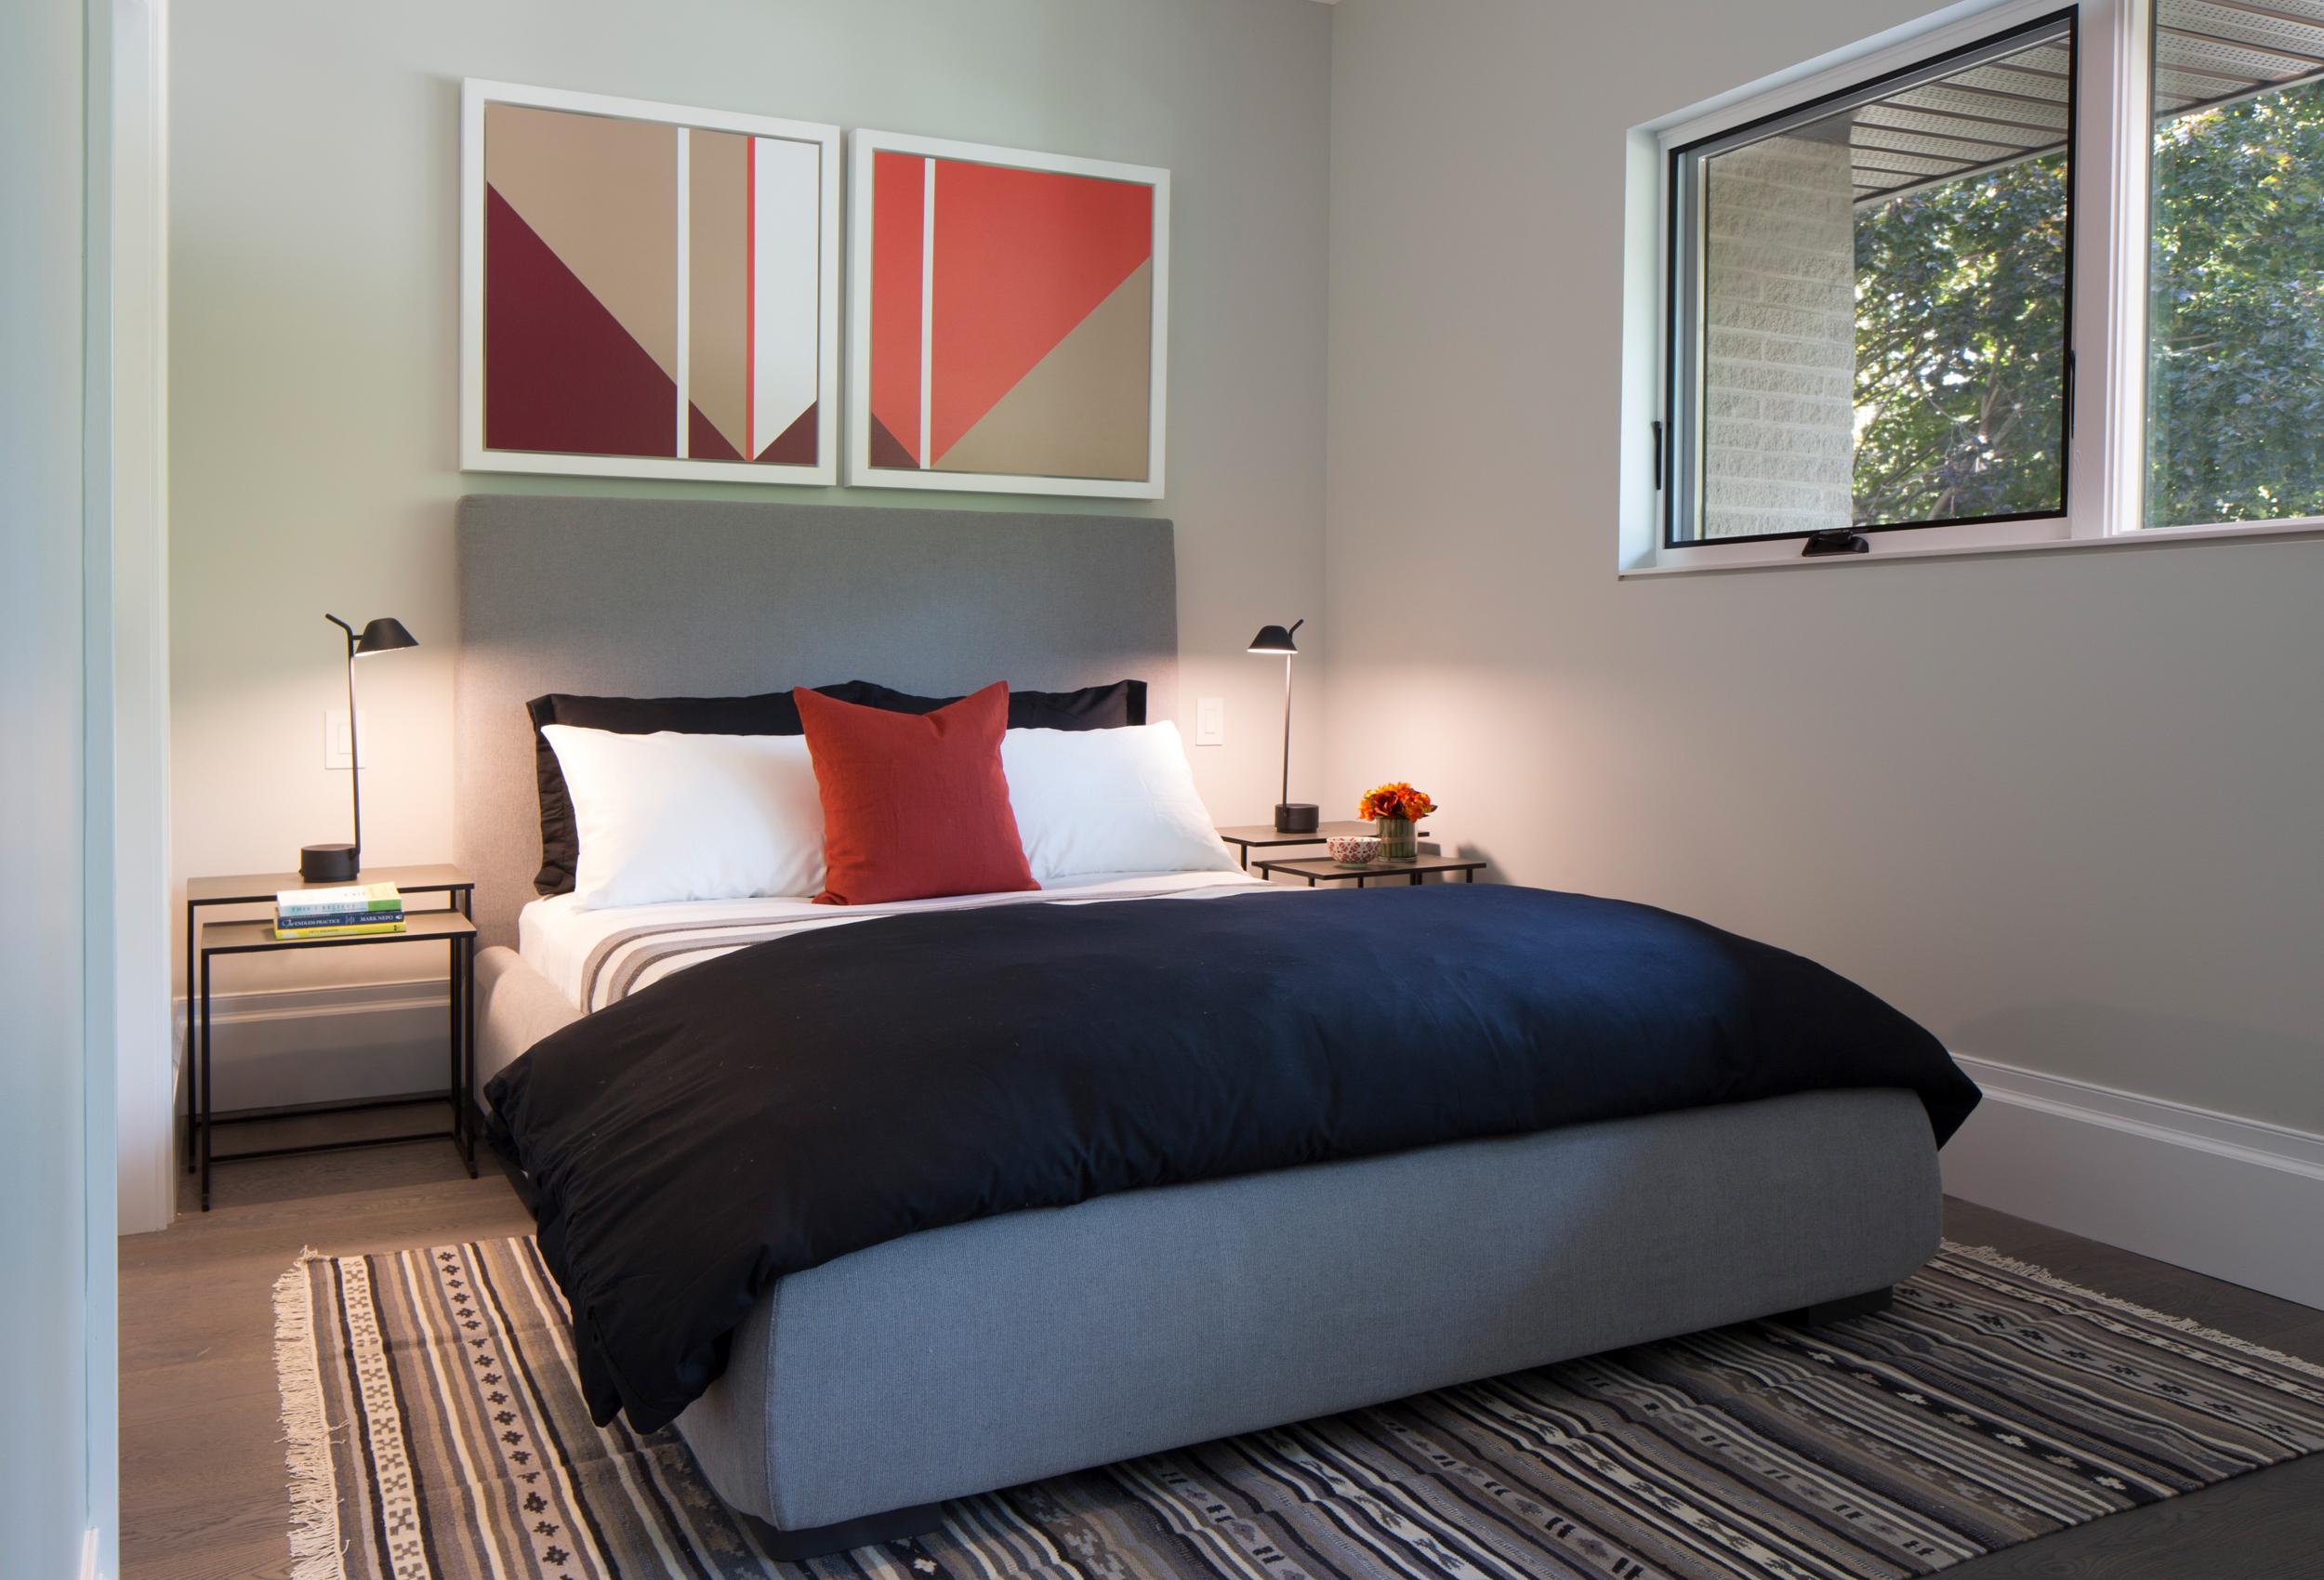 Oni-One-Residential-Kingsway-Bedroom.jpg